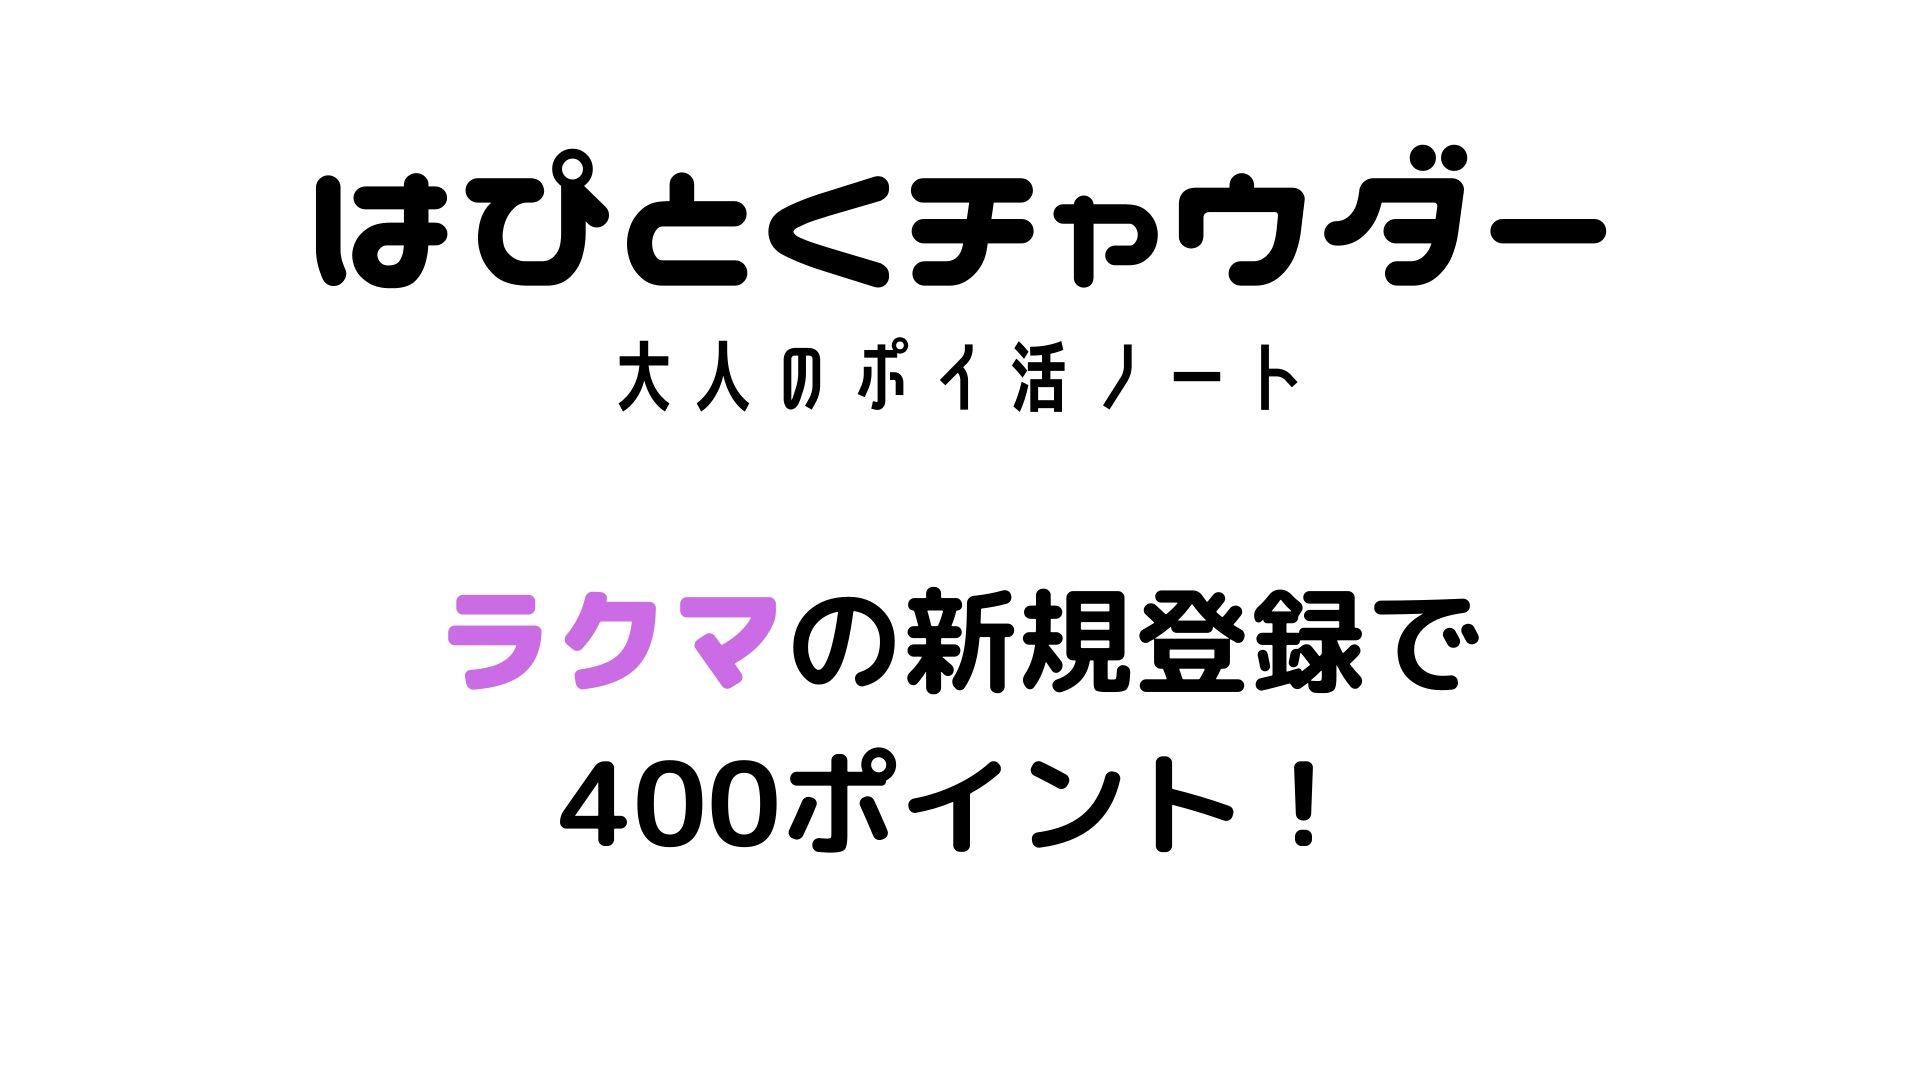 【ラクマ招待コードあり】もれなく400ポイントをゲット!